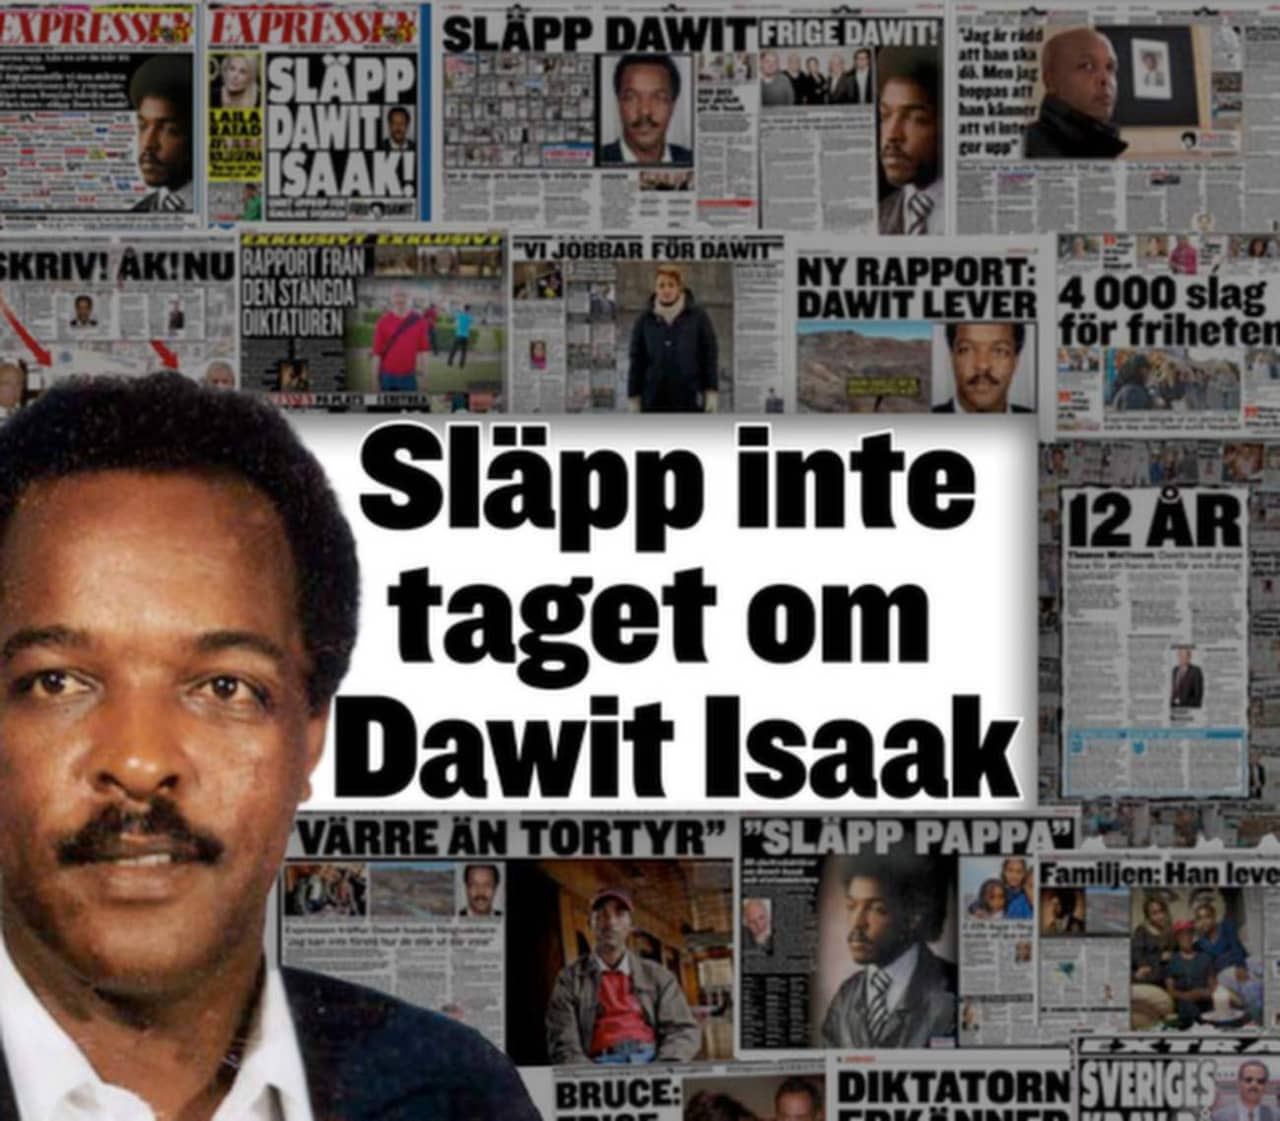 Dawit isaak kan vara dod